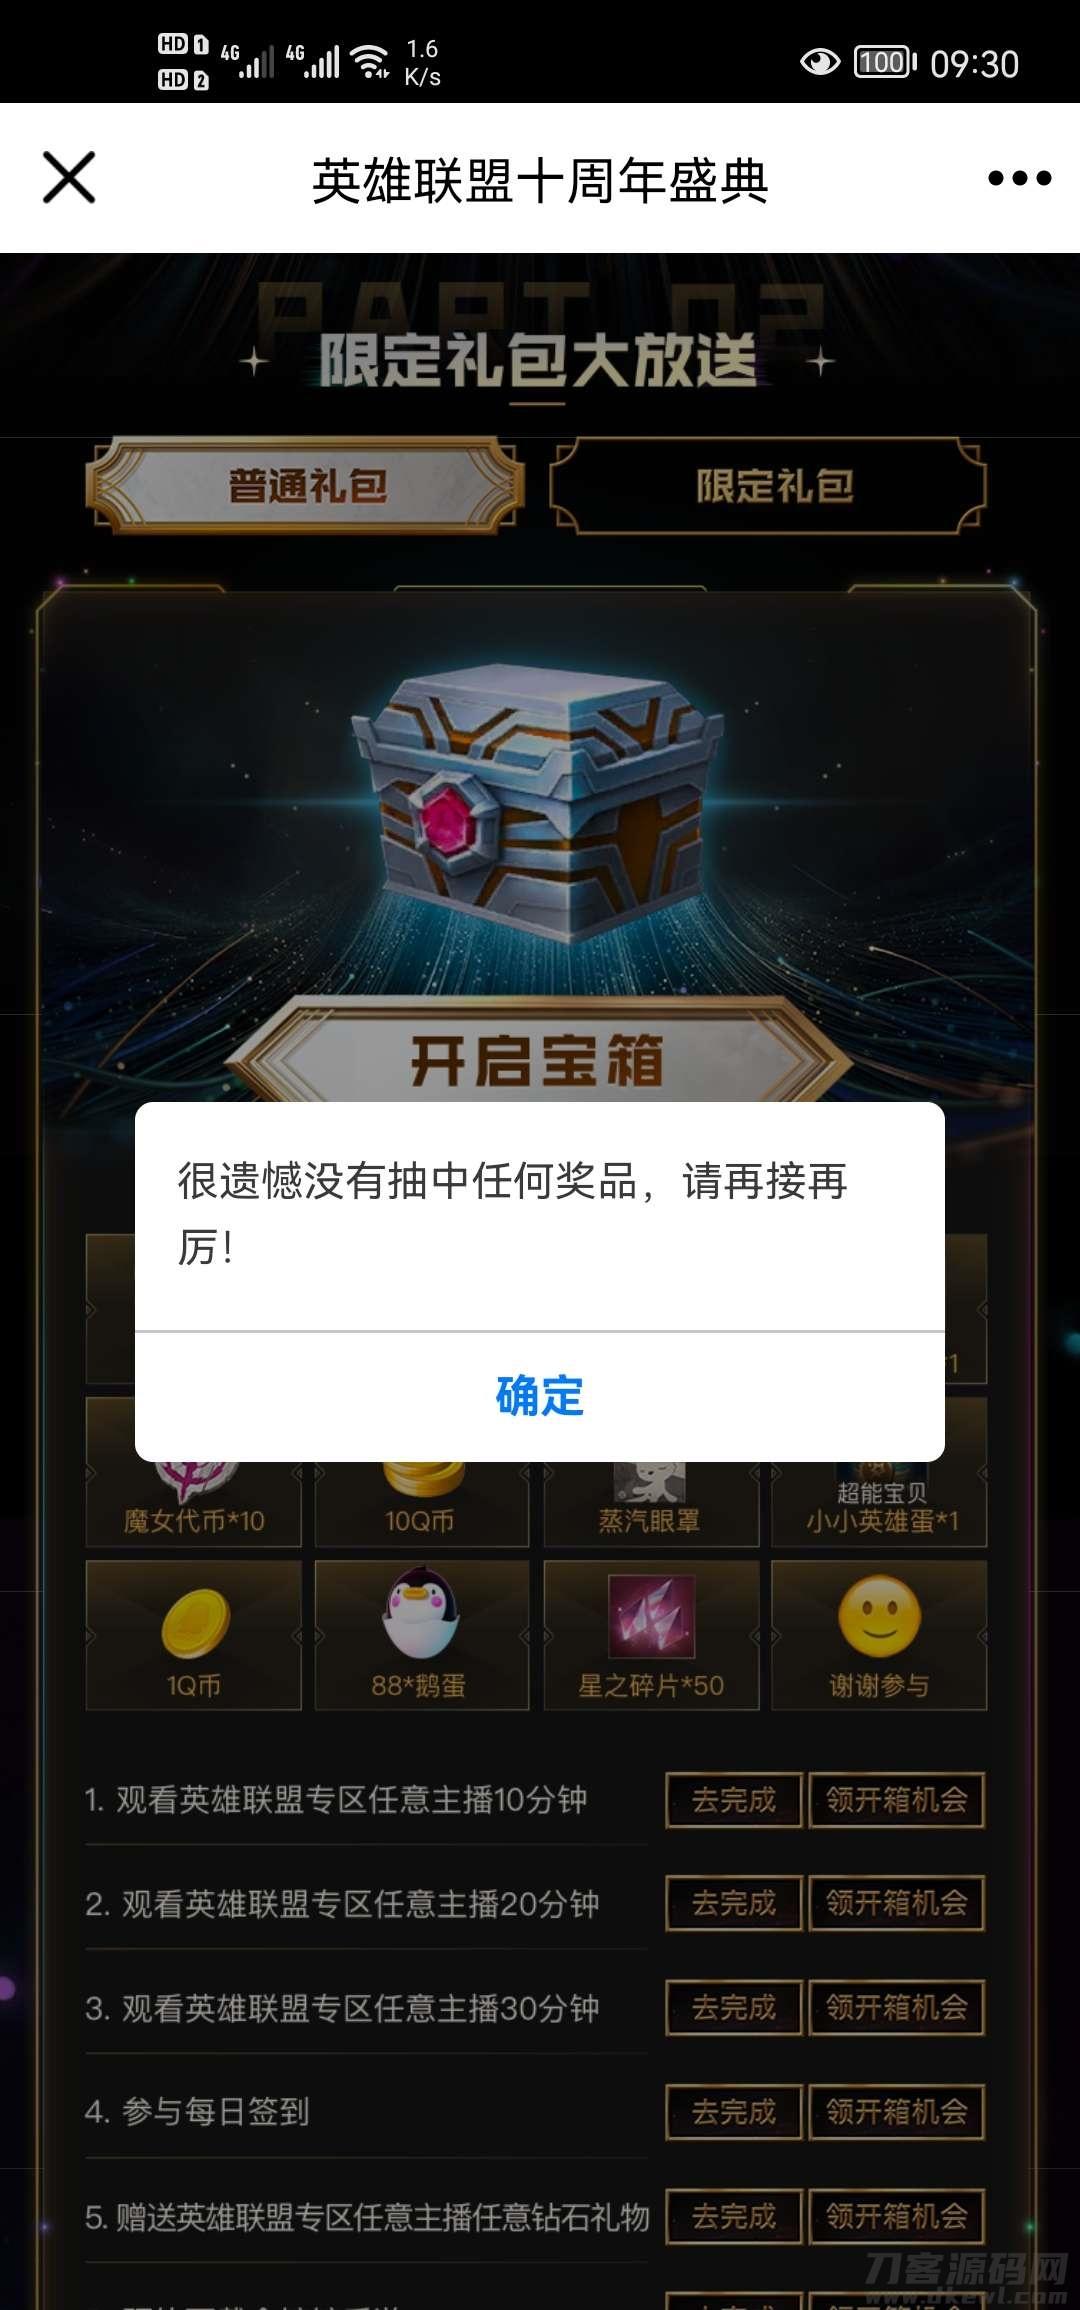 【虚拟物品】英雄联盟完成任务抽取q币插图2